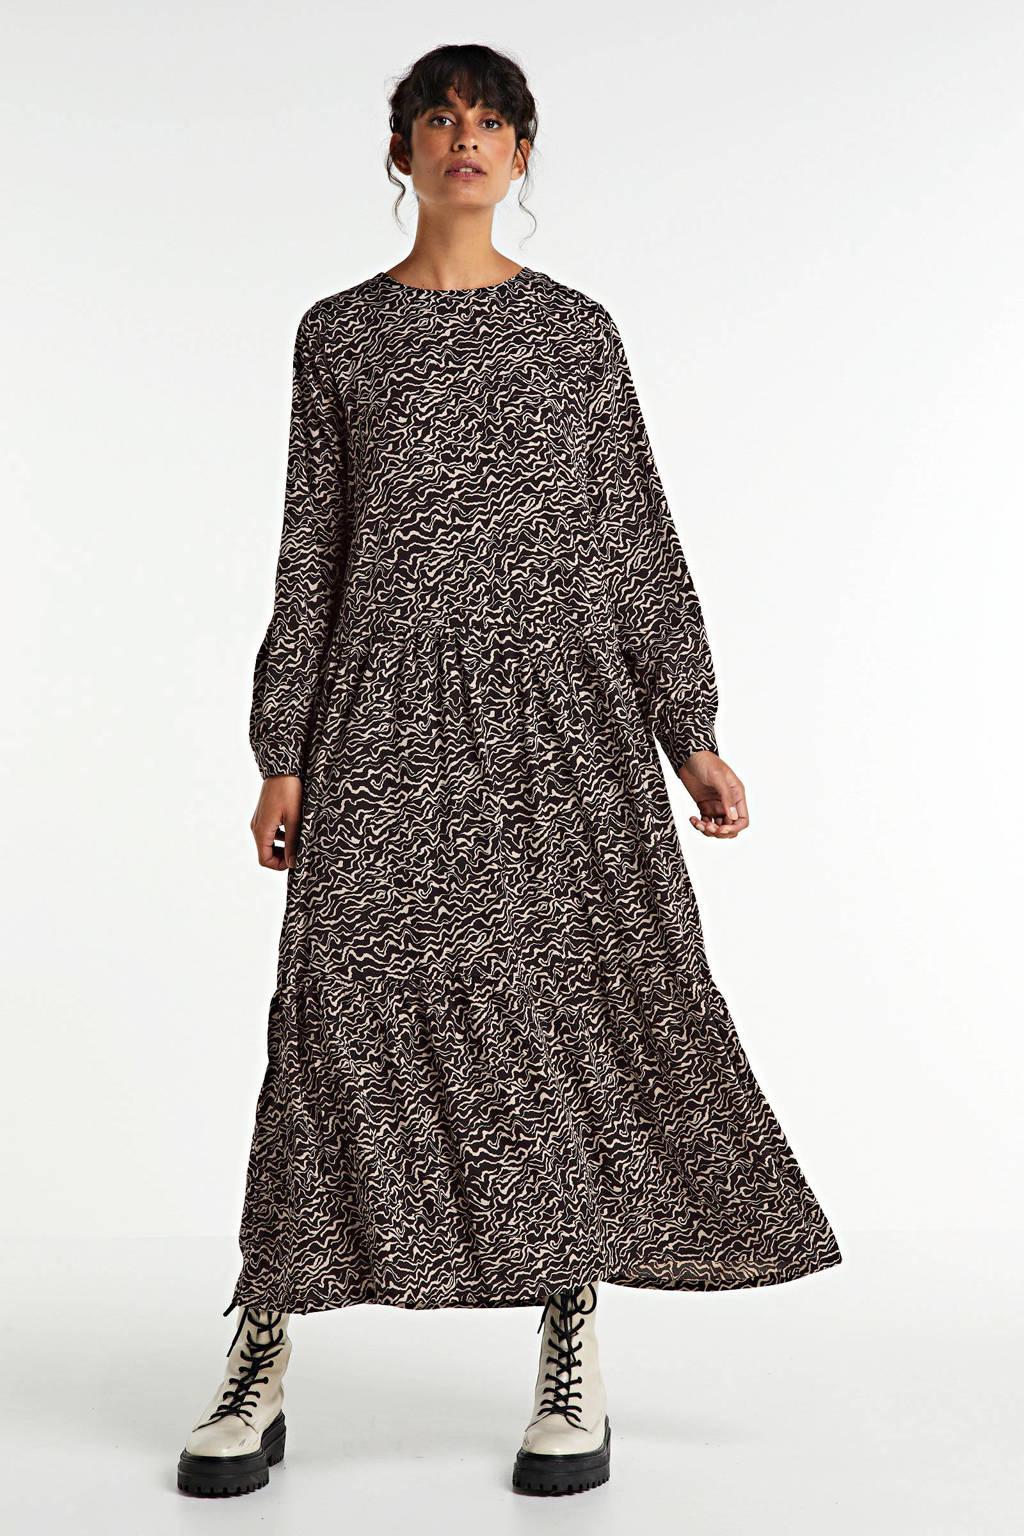 NOISY MAY maxi jurk Rita met all over print bruin/zwart, Bruin/zwart